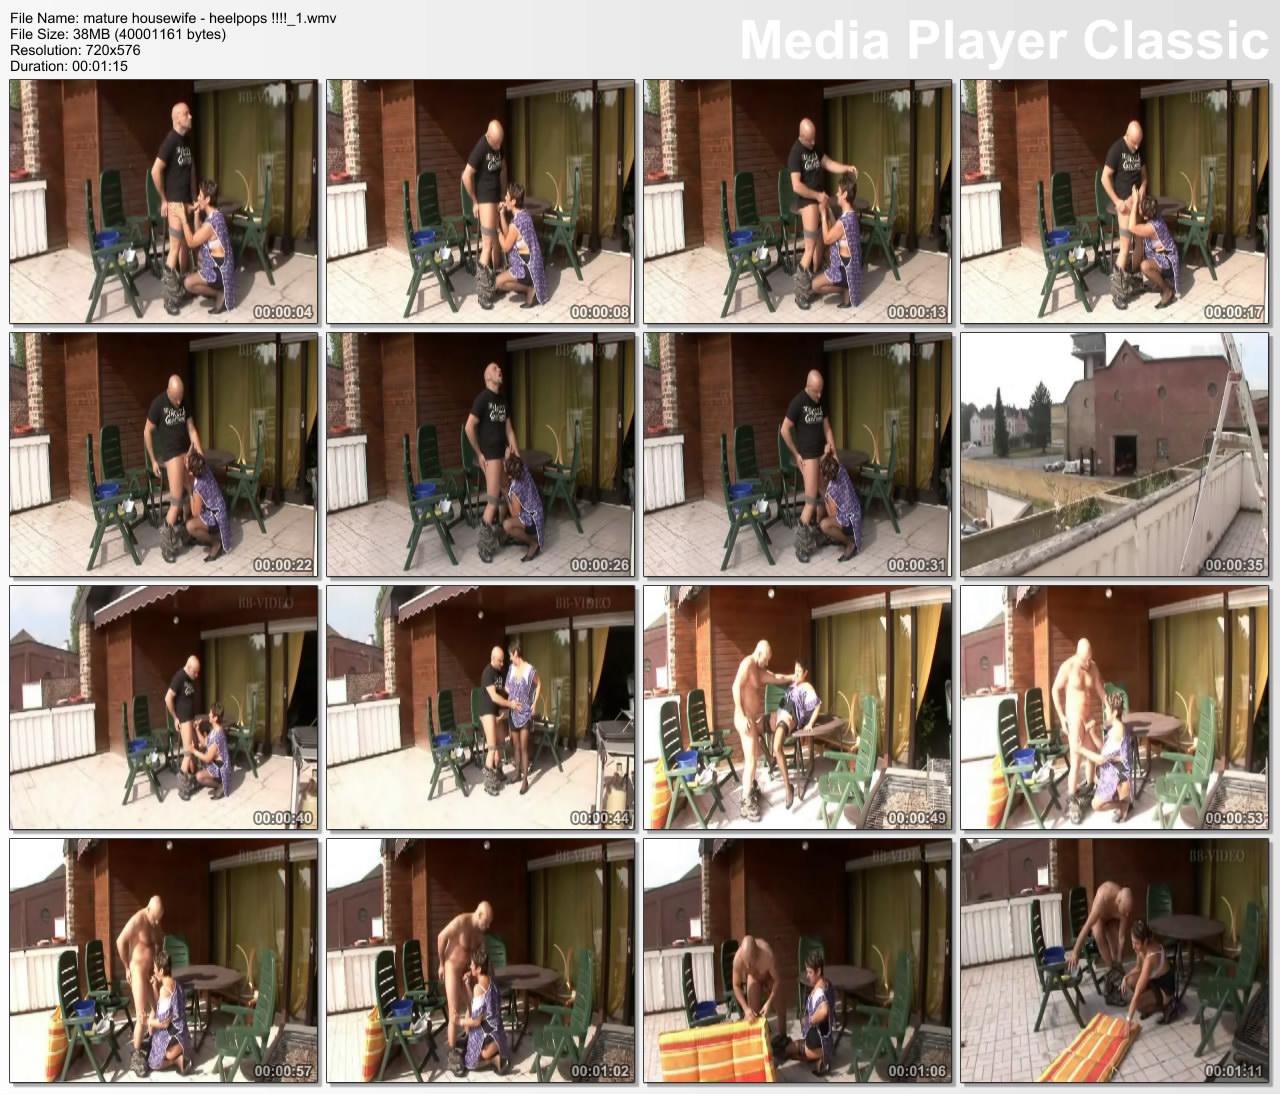 453198763_maturehousewife_heelpops_1.wmv_thumbs_2011.07.12_10.16.28_122_418lo.jpg